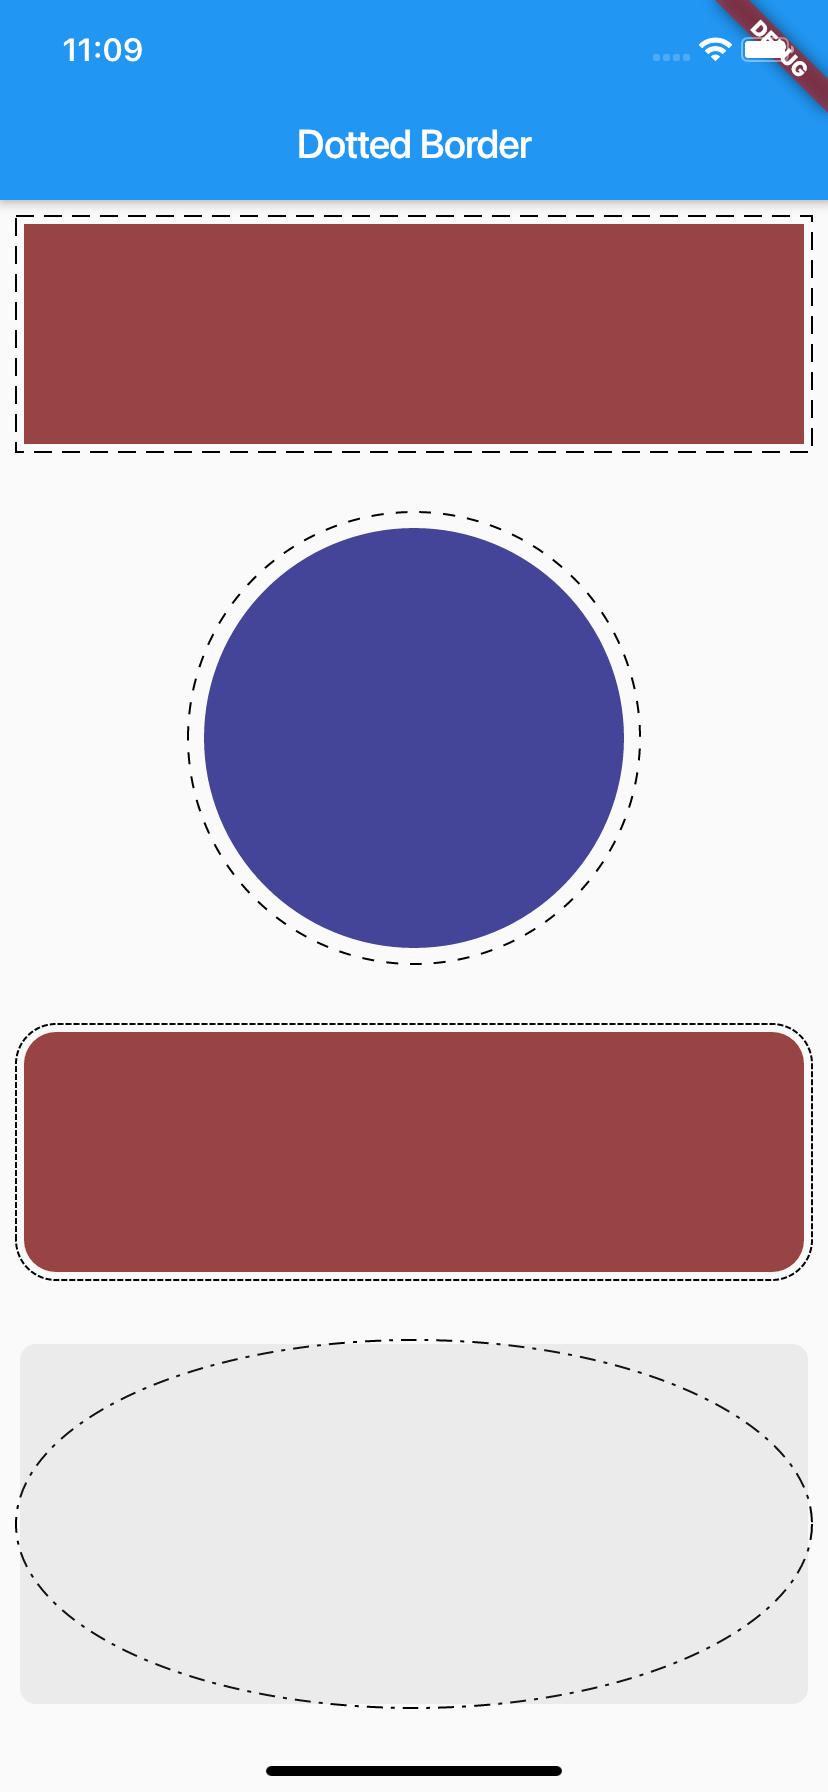 Flutter dotted border image